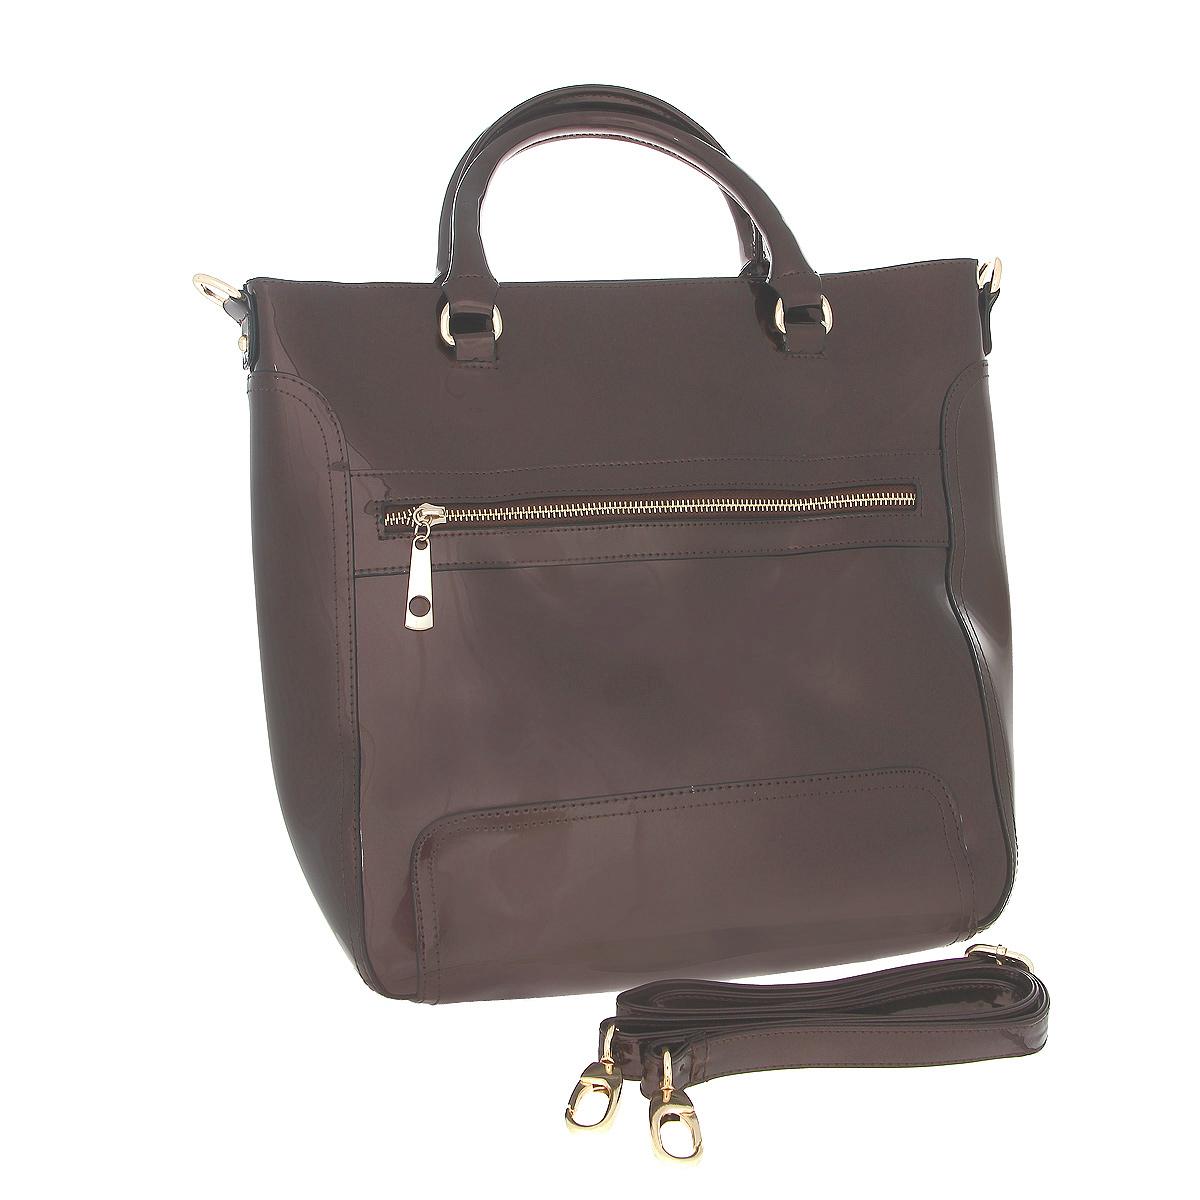 Сумка женская Fancy bag , цвет: коричневый. CM-6066-0923008Стильная сумка Fancy Bag выполнена из искусственной лаковой кожи коричневого цвета. Сумка закрывается на застежку-молнию. Имеет одно отделение, содержащее внутри два кармашка на застежке-молнии, два накладных открытых кармашка для мелочей. На задней стороне сумки расположен вшитый карман на молнии. На лицевой стороне небольшой вшитый кармашек. Сумка оснащена двумя ручками, крепящимися при помощи металлических колец и съемным плечевым ремнем. В комплекте чехол для хранения. Этот стильный аксессуар станет изысканным дополнением к вашему образу. Характеристики:Цвет: коричневый.Материал: искусственная кожа, металл, текстиль. Размер сумки: 36 см х 32 см х 12 см. Высота ручек: 12 см. Длина плечевого ремня: 60-120 см. Артикул: CM-6066-09.